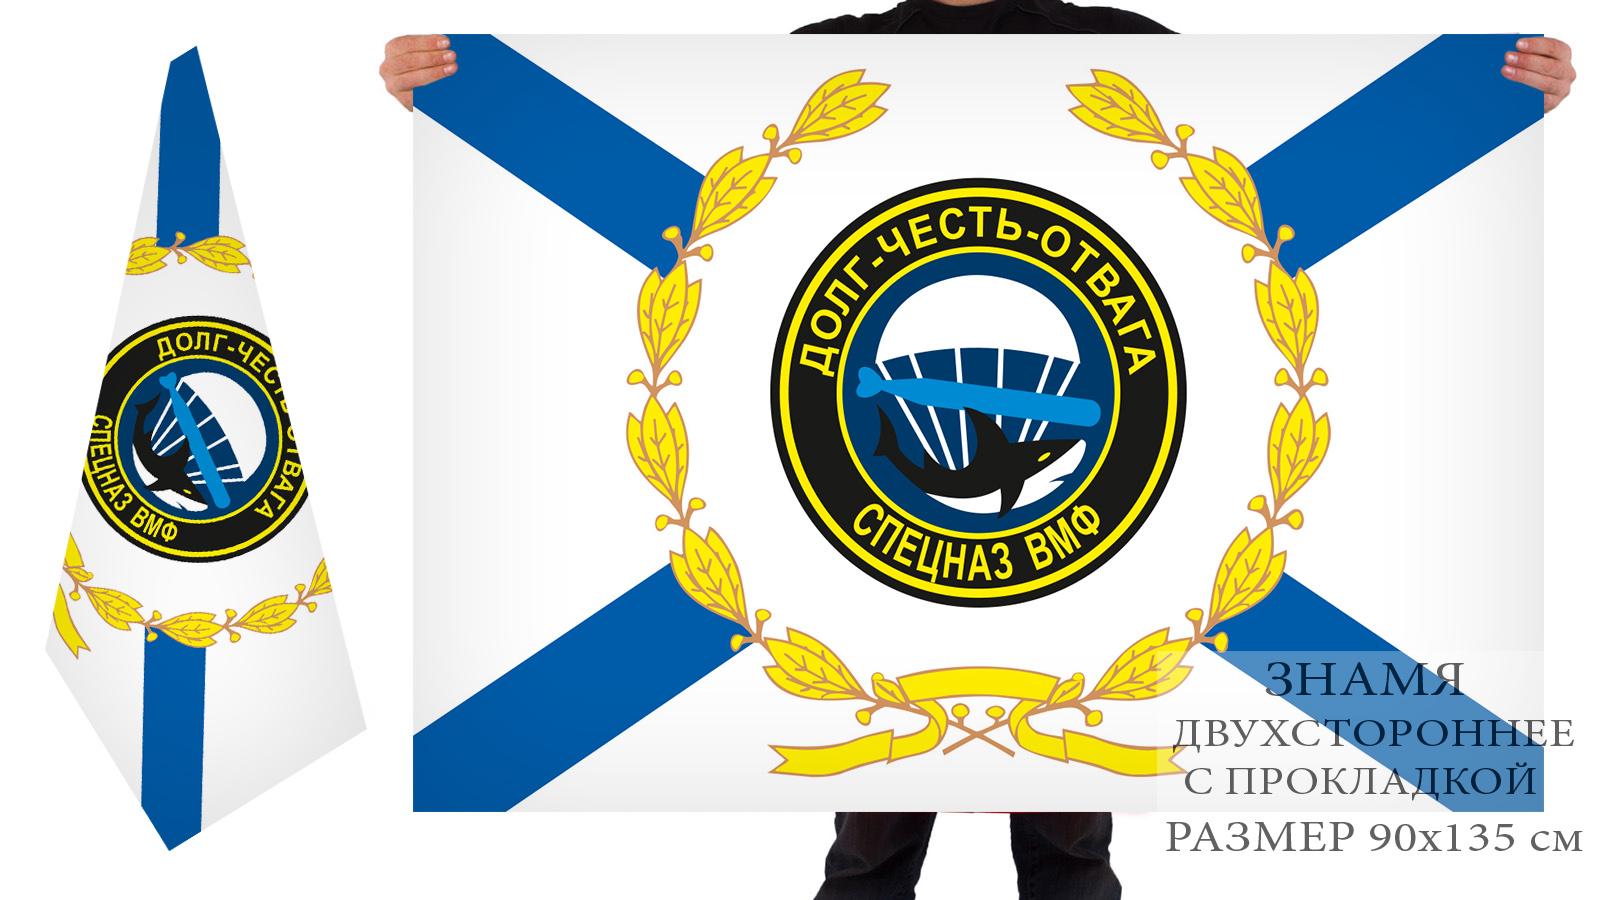 Двусторонний флаг подразделений спецназа ВМФ «Долг-Честь-Отвага»